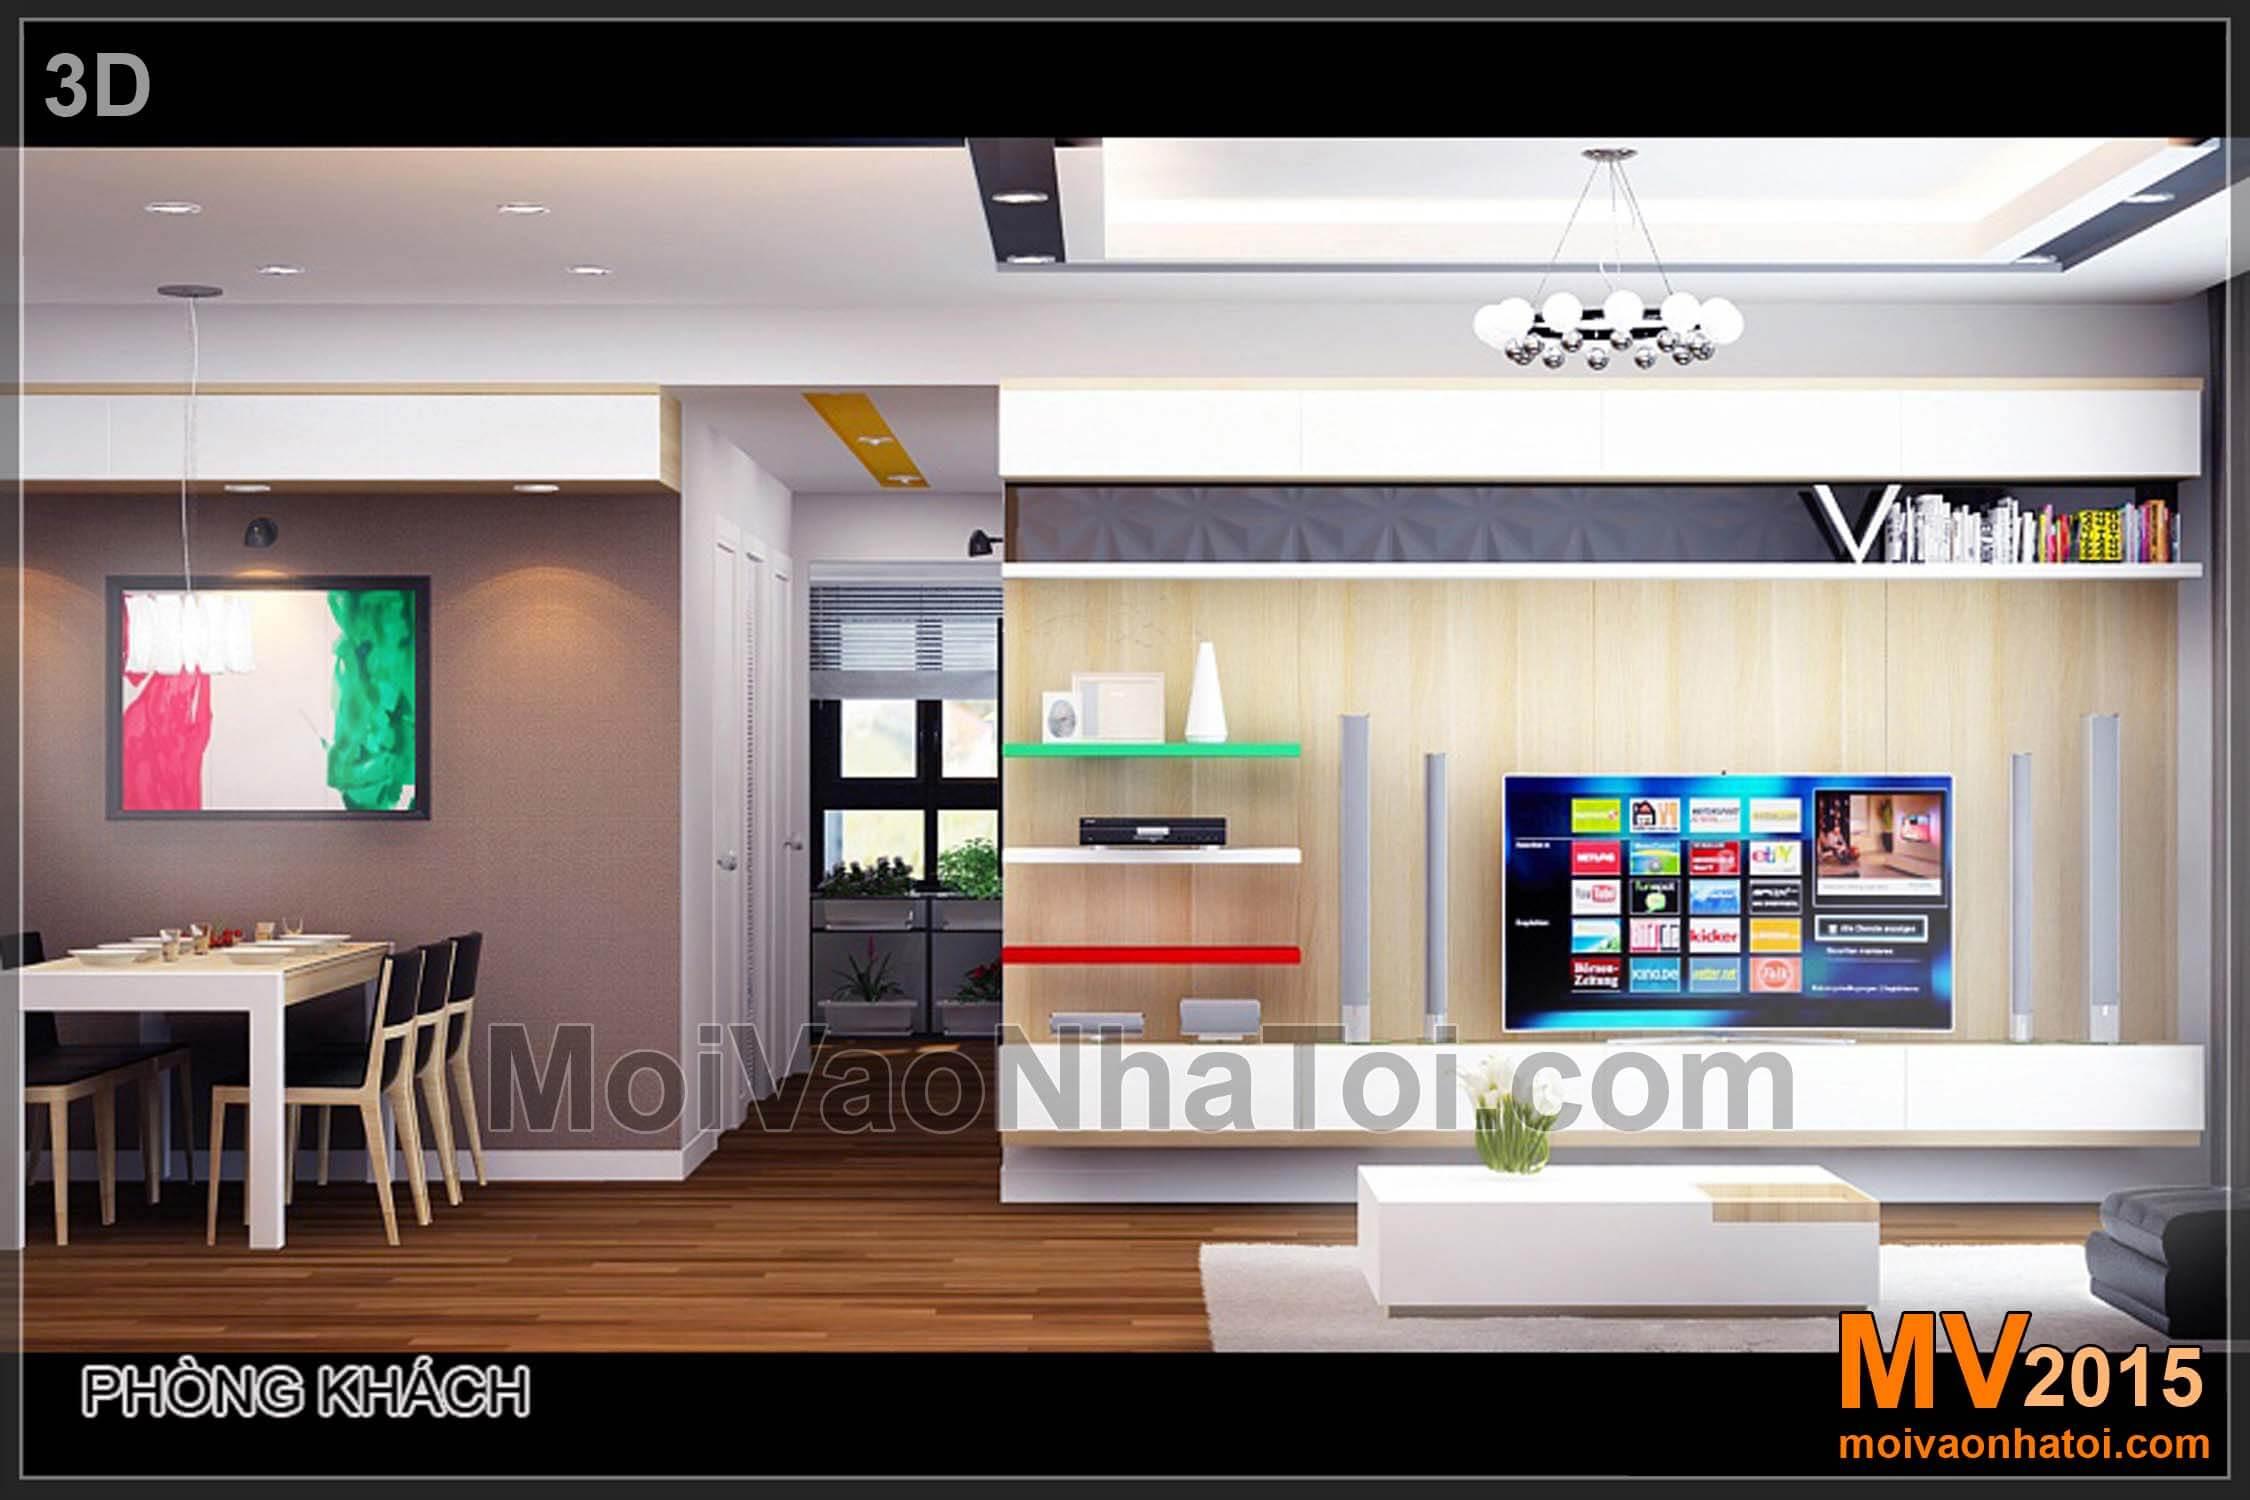 Mảng tường TV bản thiết kế 3D